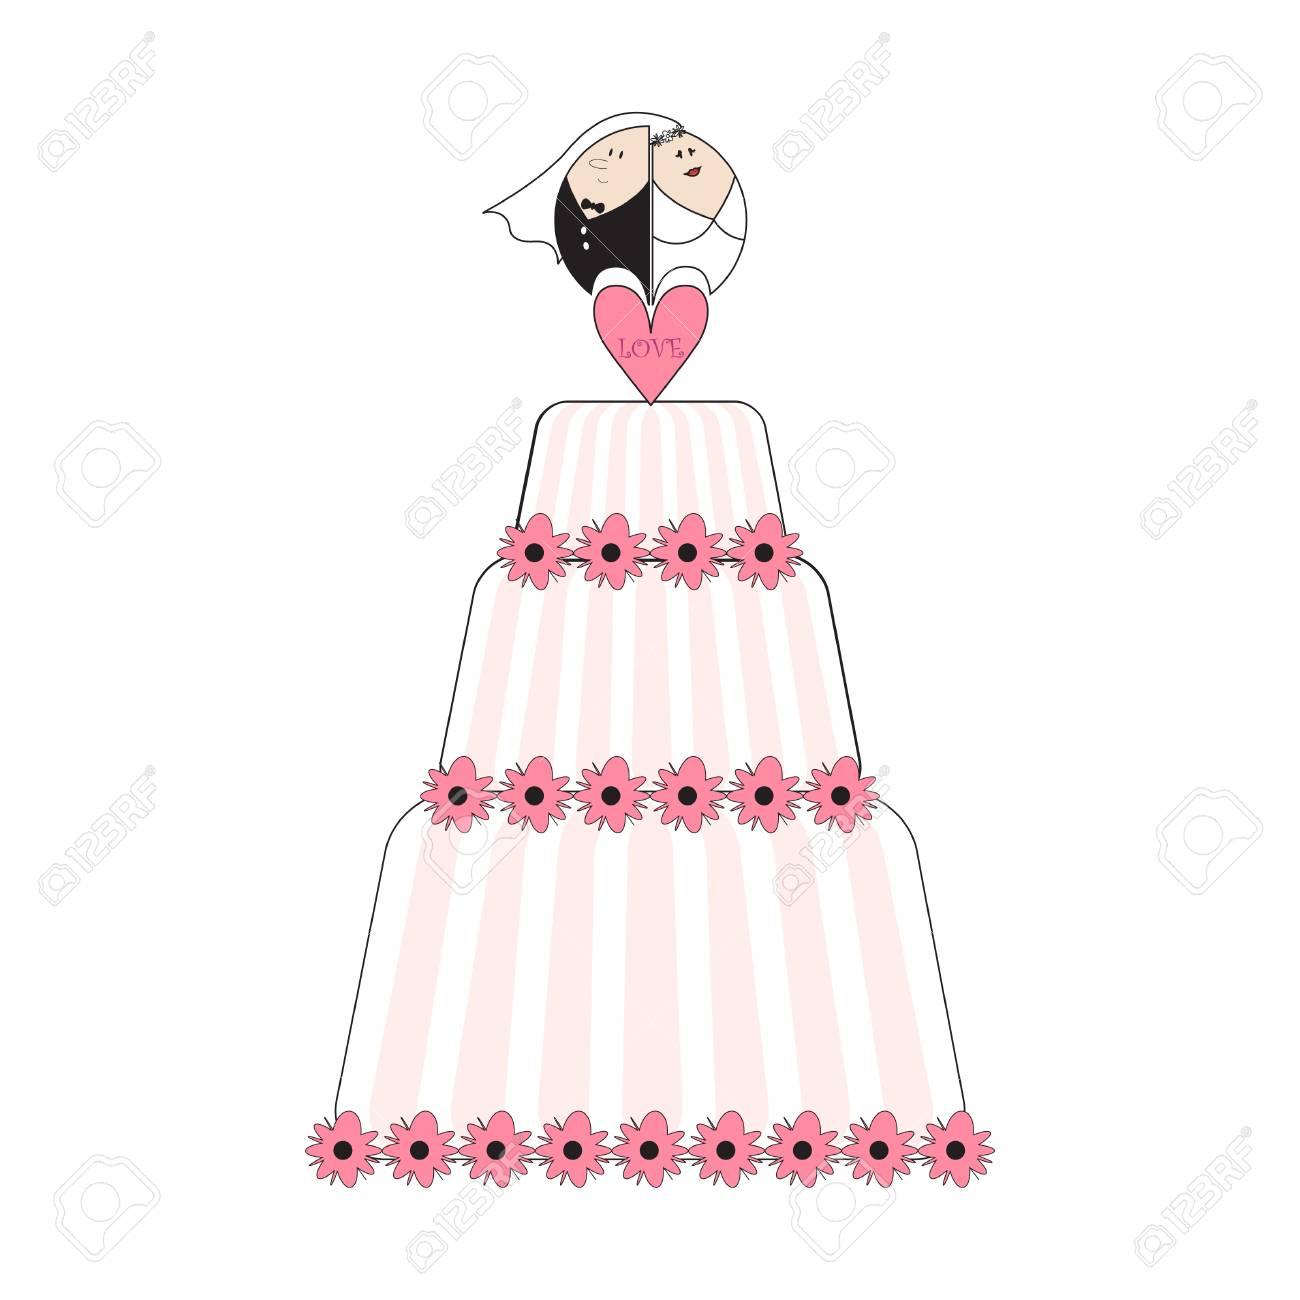 ウエディング ケーキのイラストのイラスト素材ベクタ Image 7742605